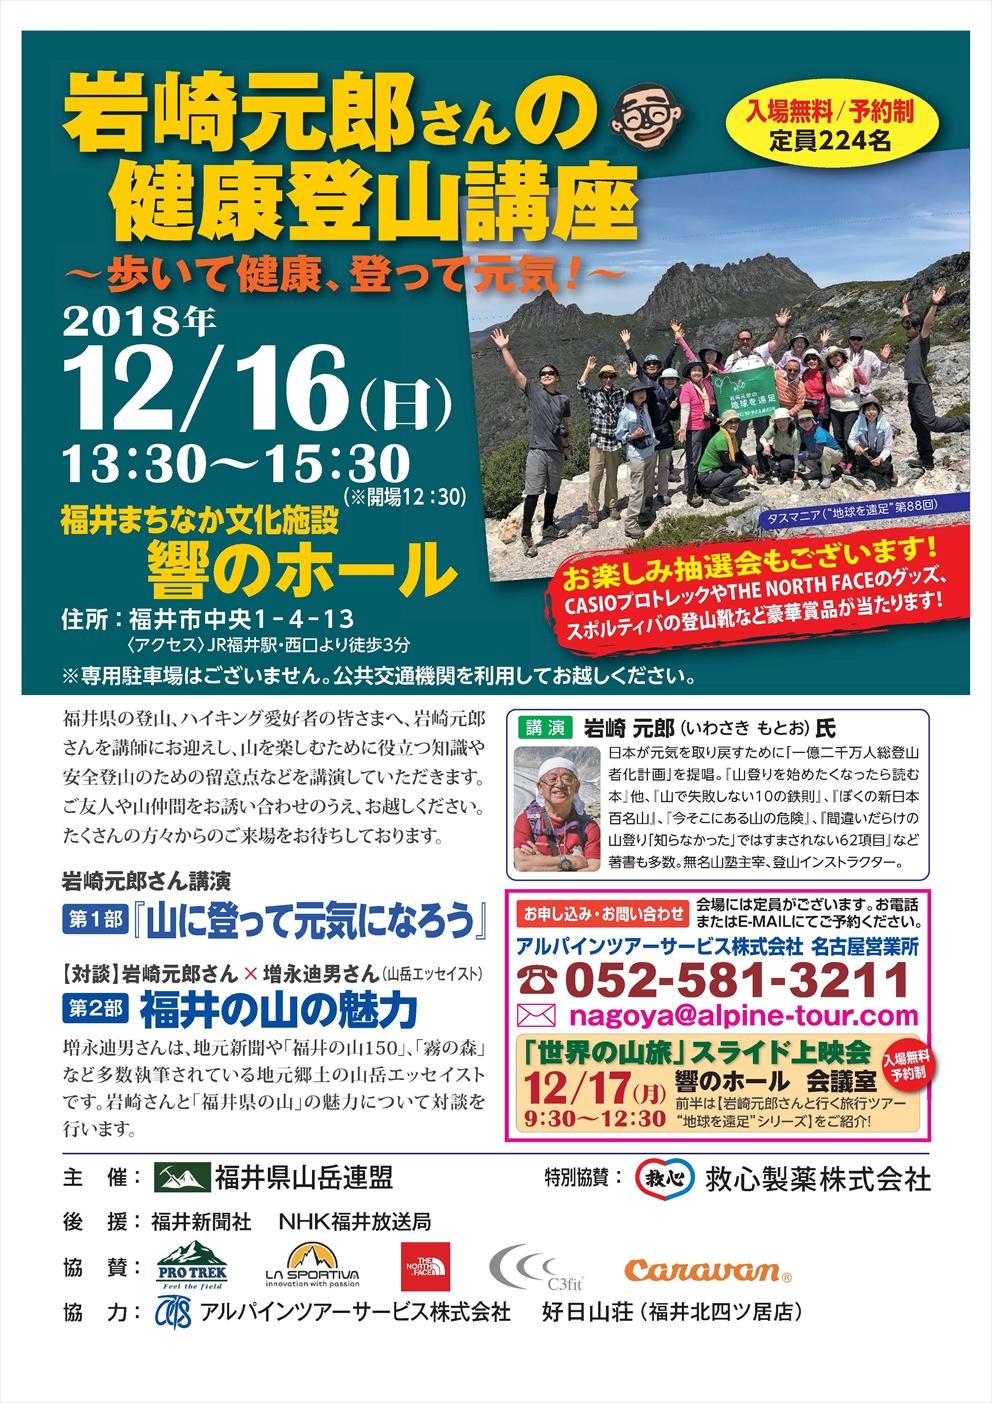 【福井】岩崎元郎さんの健康登山講座